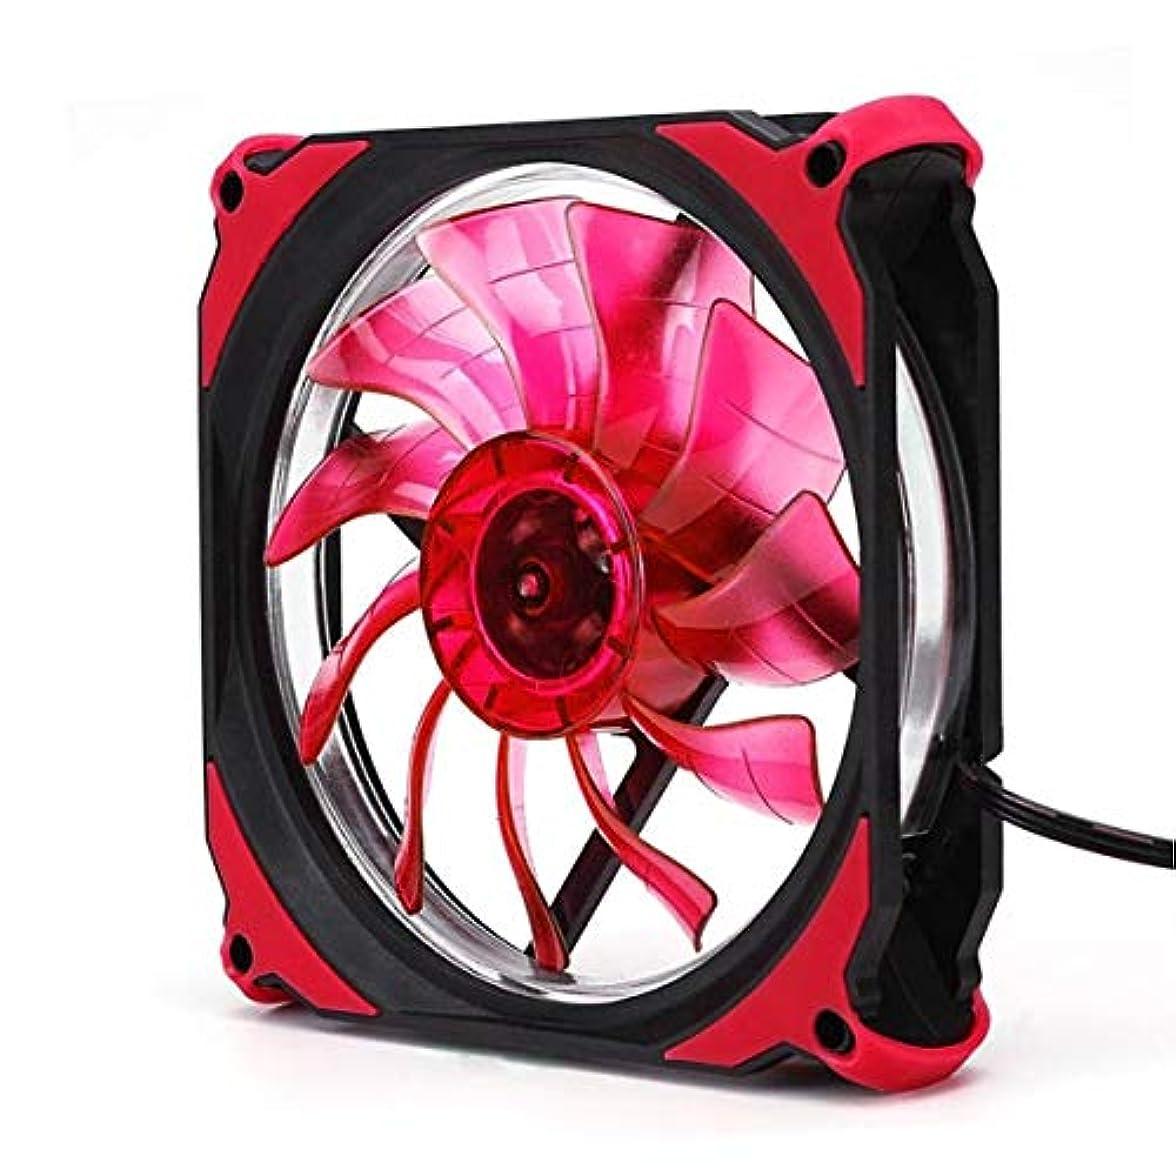 日検出するペインギリックEclipse 120mm LED冷却クーラーデスクトップコンピューターケースファン低騒音冷却ファンデスクトップコンピューター用サイレントファン-赤